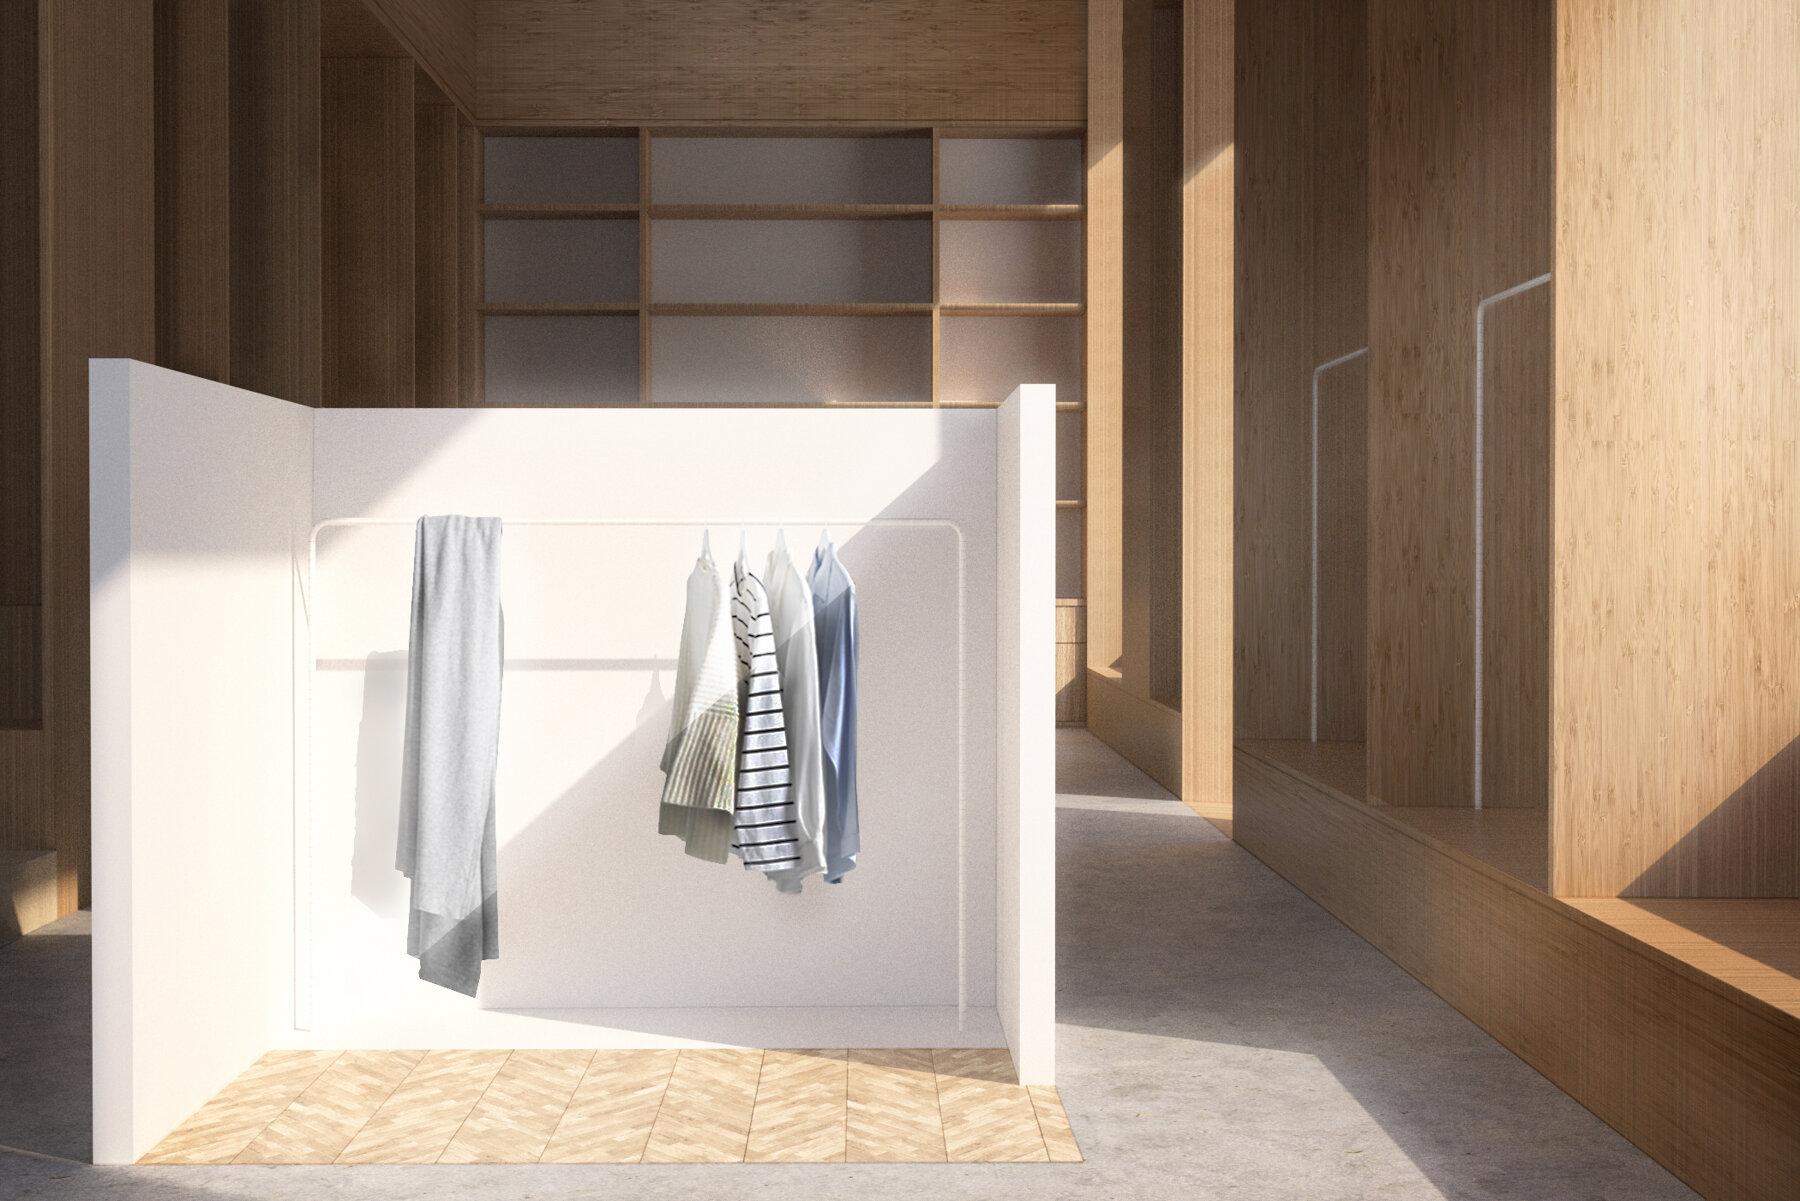 Rénovation - Commerce par un architecte Archidvisor